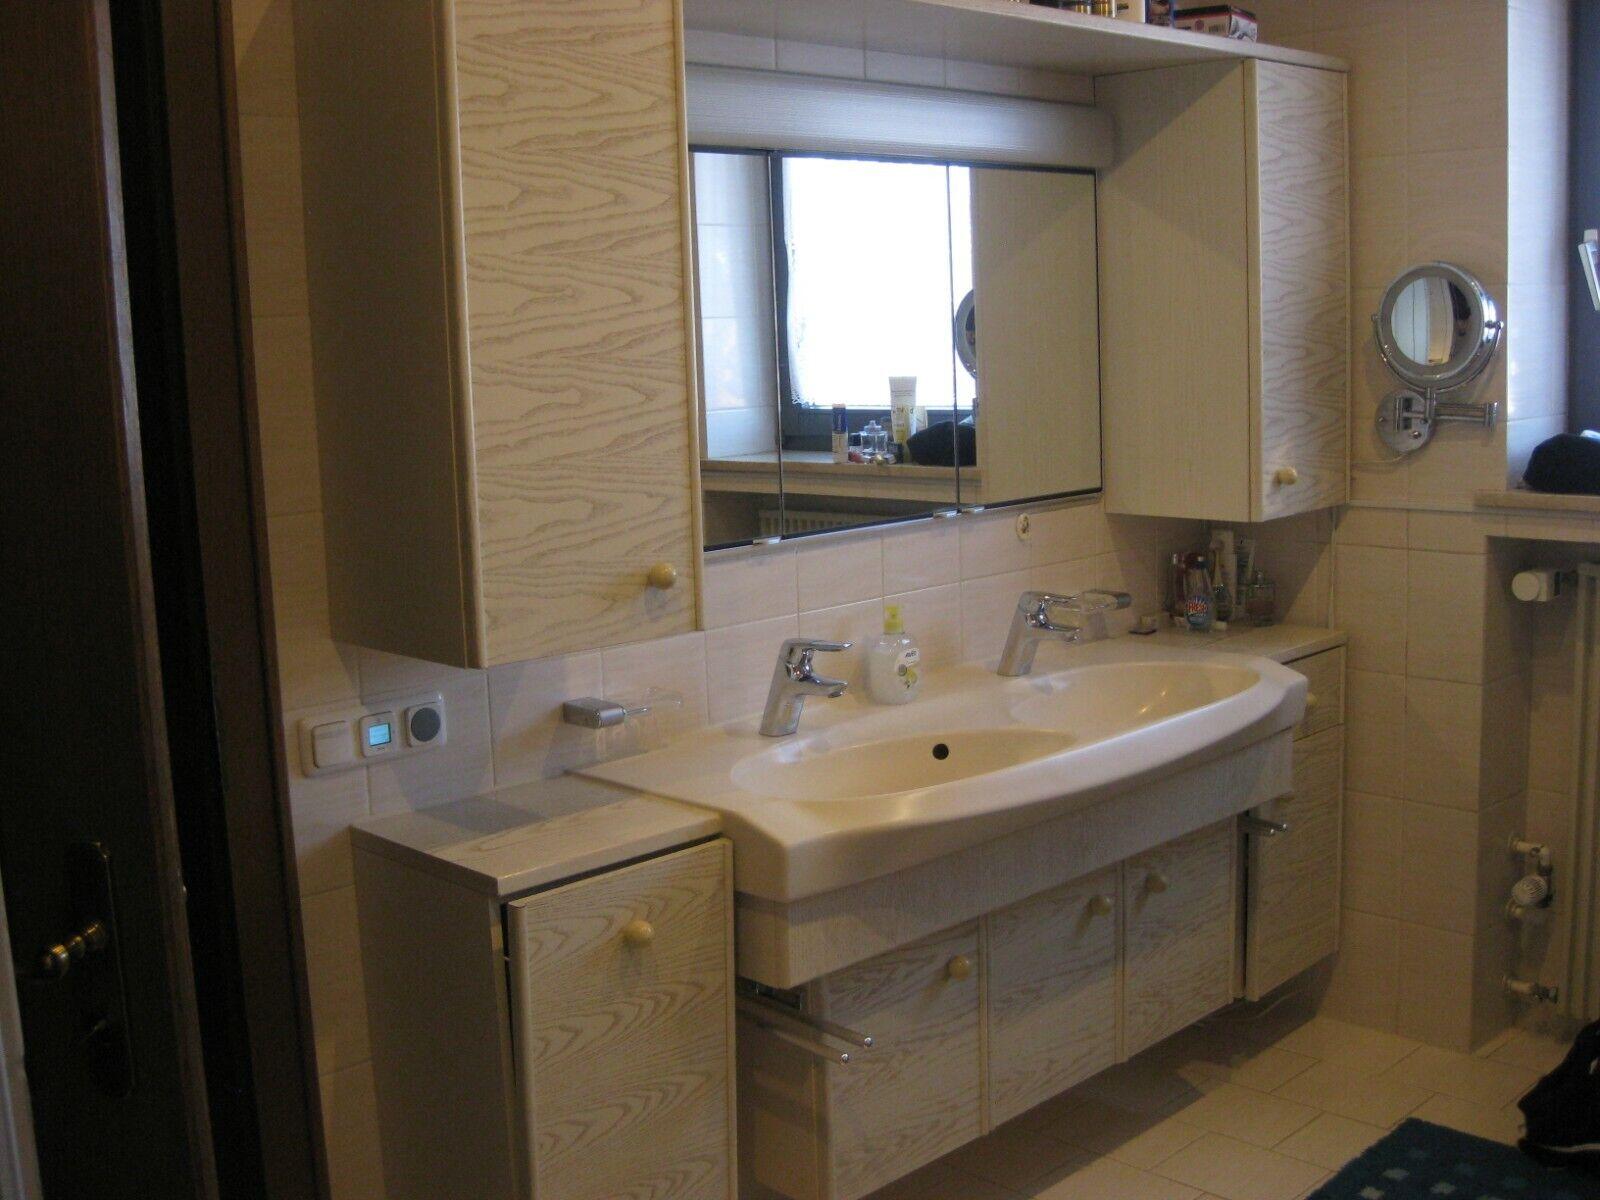 Badmöbel Bad Möbel Schränke mit Waschbecken Spiegelschrank